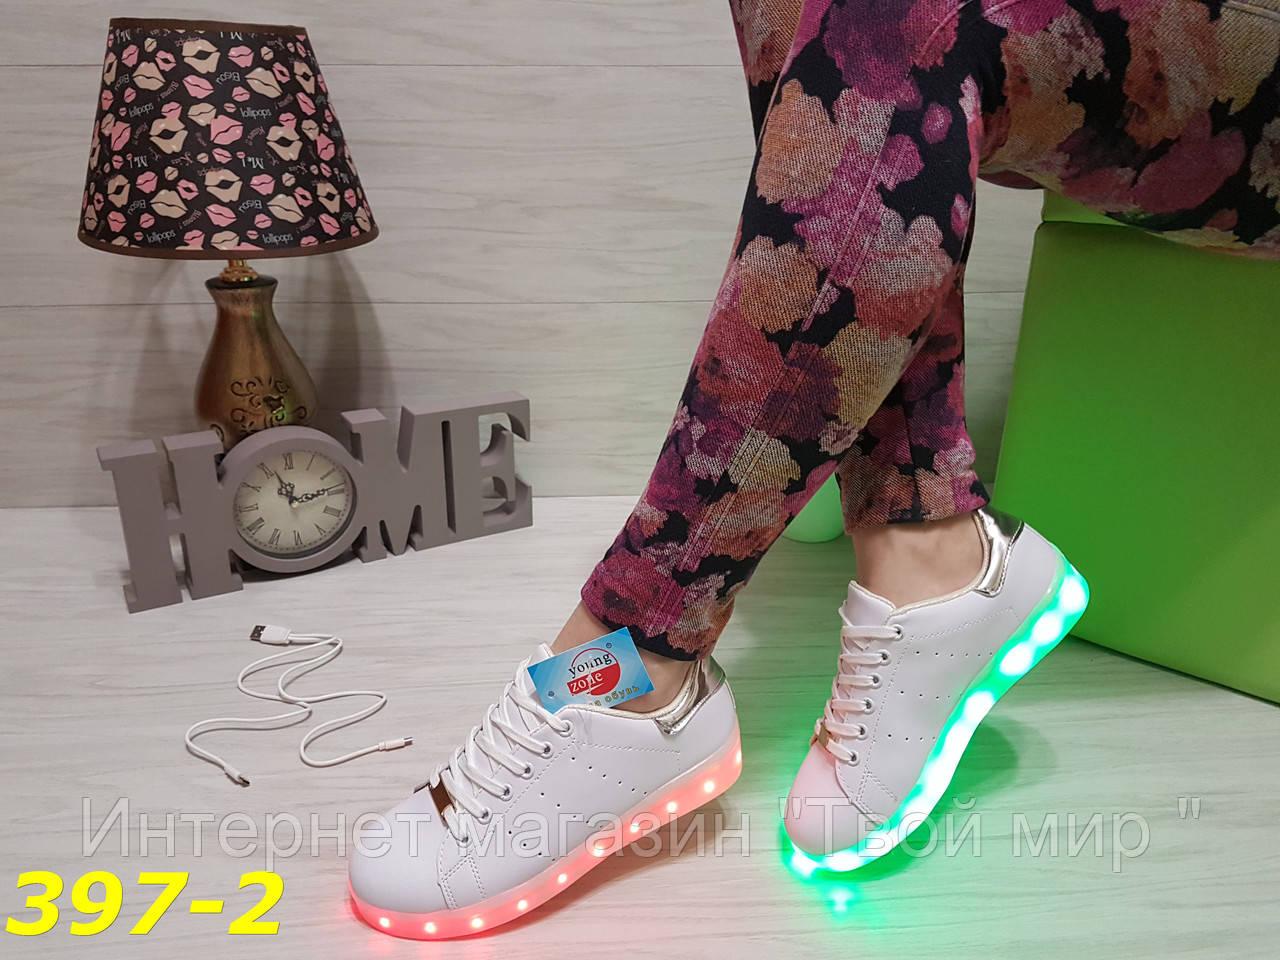 Кроссовки LED светящаяся подошва белые с серебряной пяткой  продажа ... edb9437729771